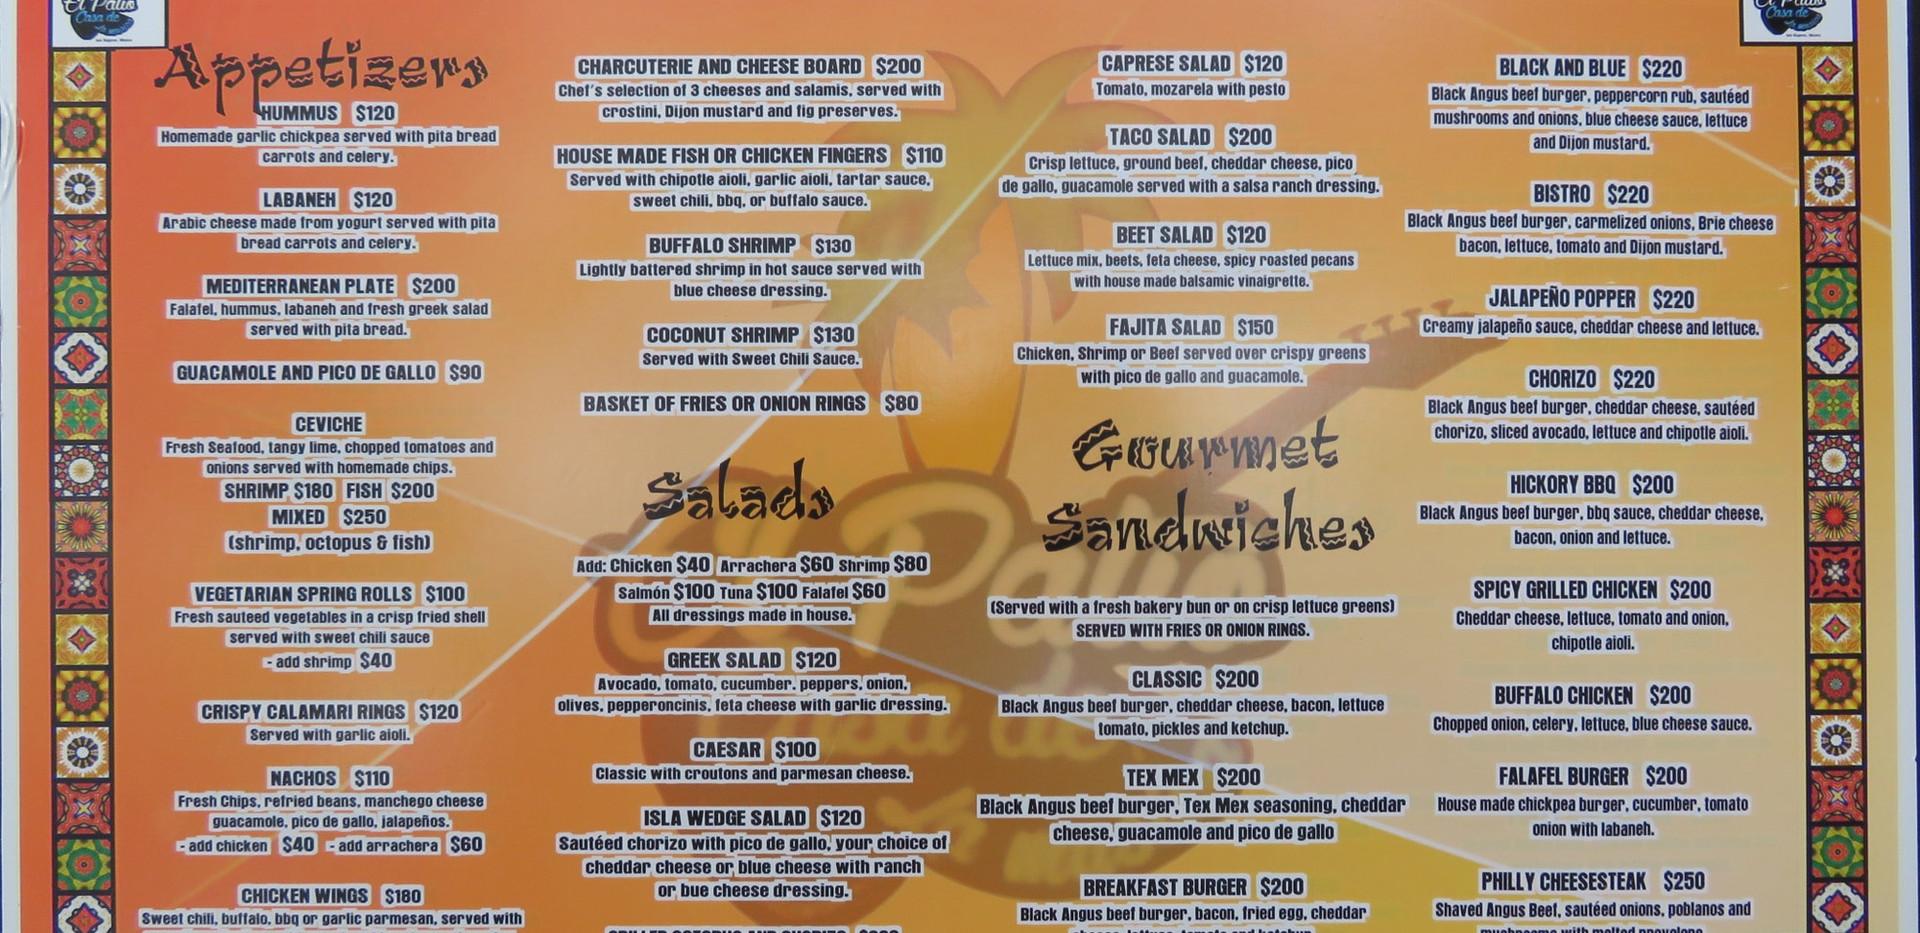 ElPatio18-tasteofisla-islamujeres-food-t